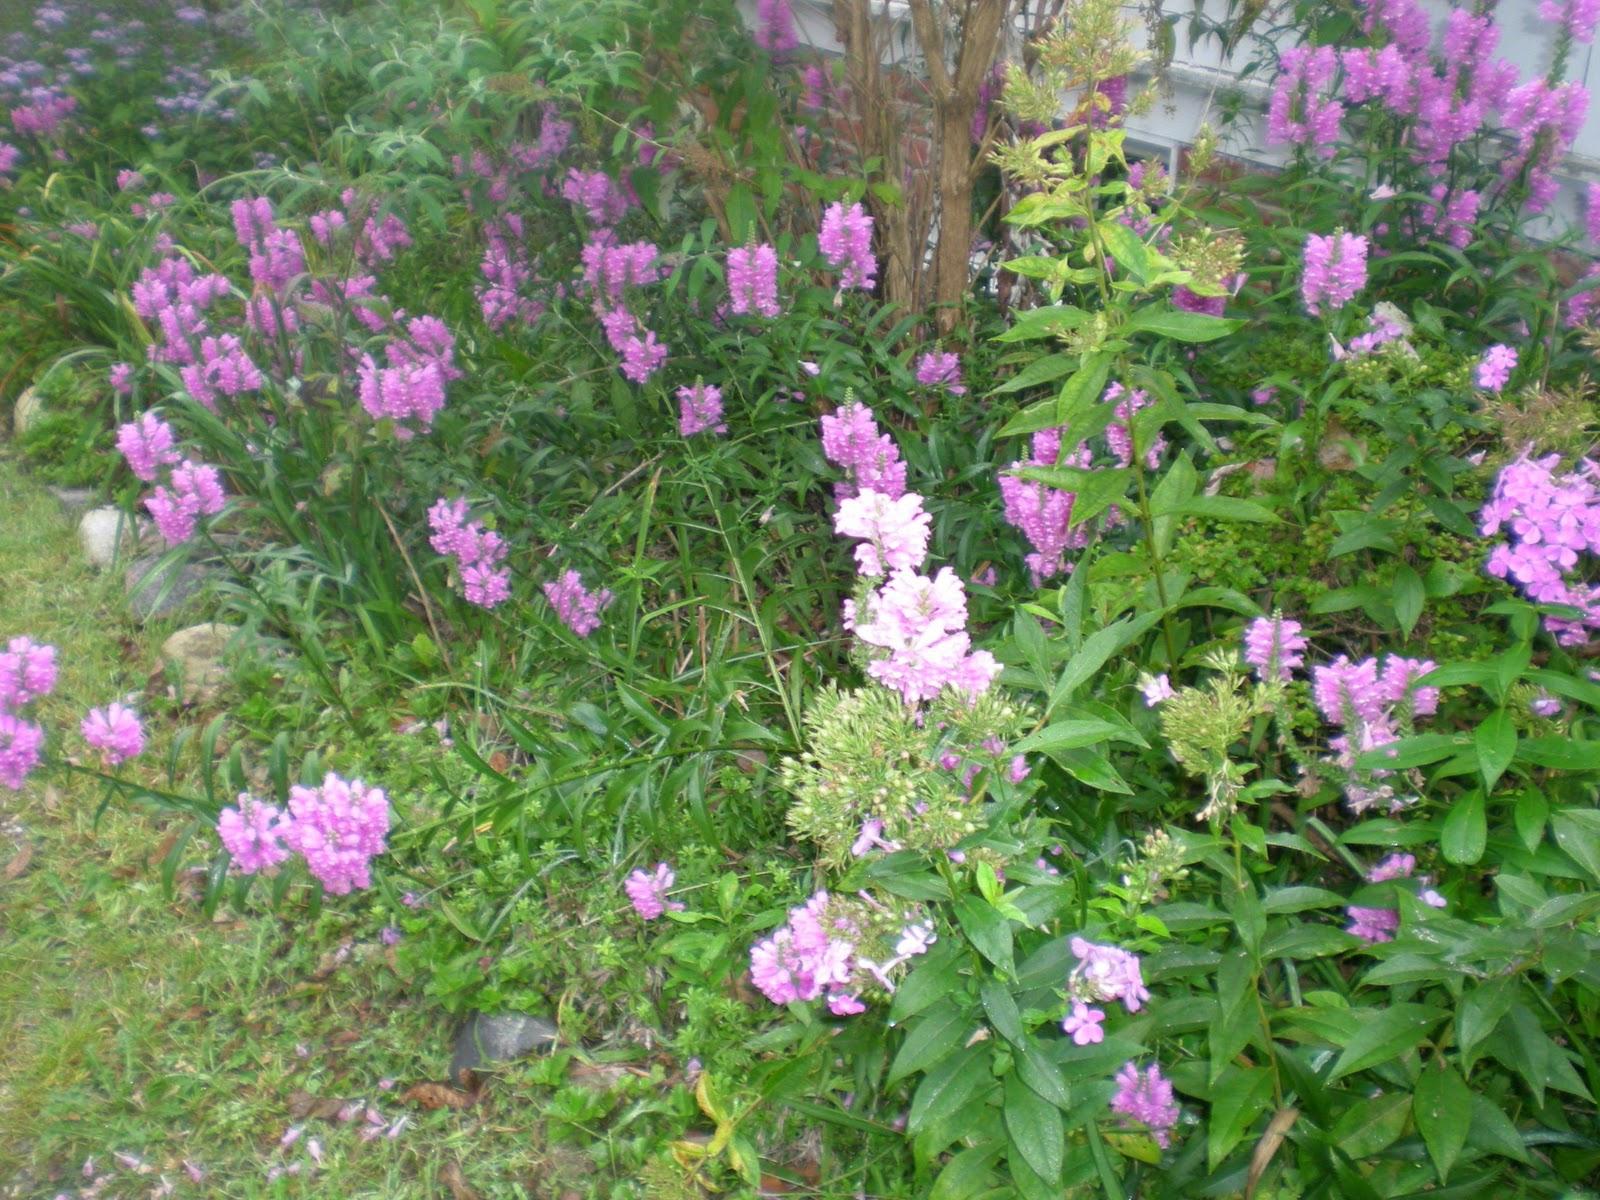 Jarvis House Deep Purple Flowering Shrubs In September At